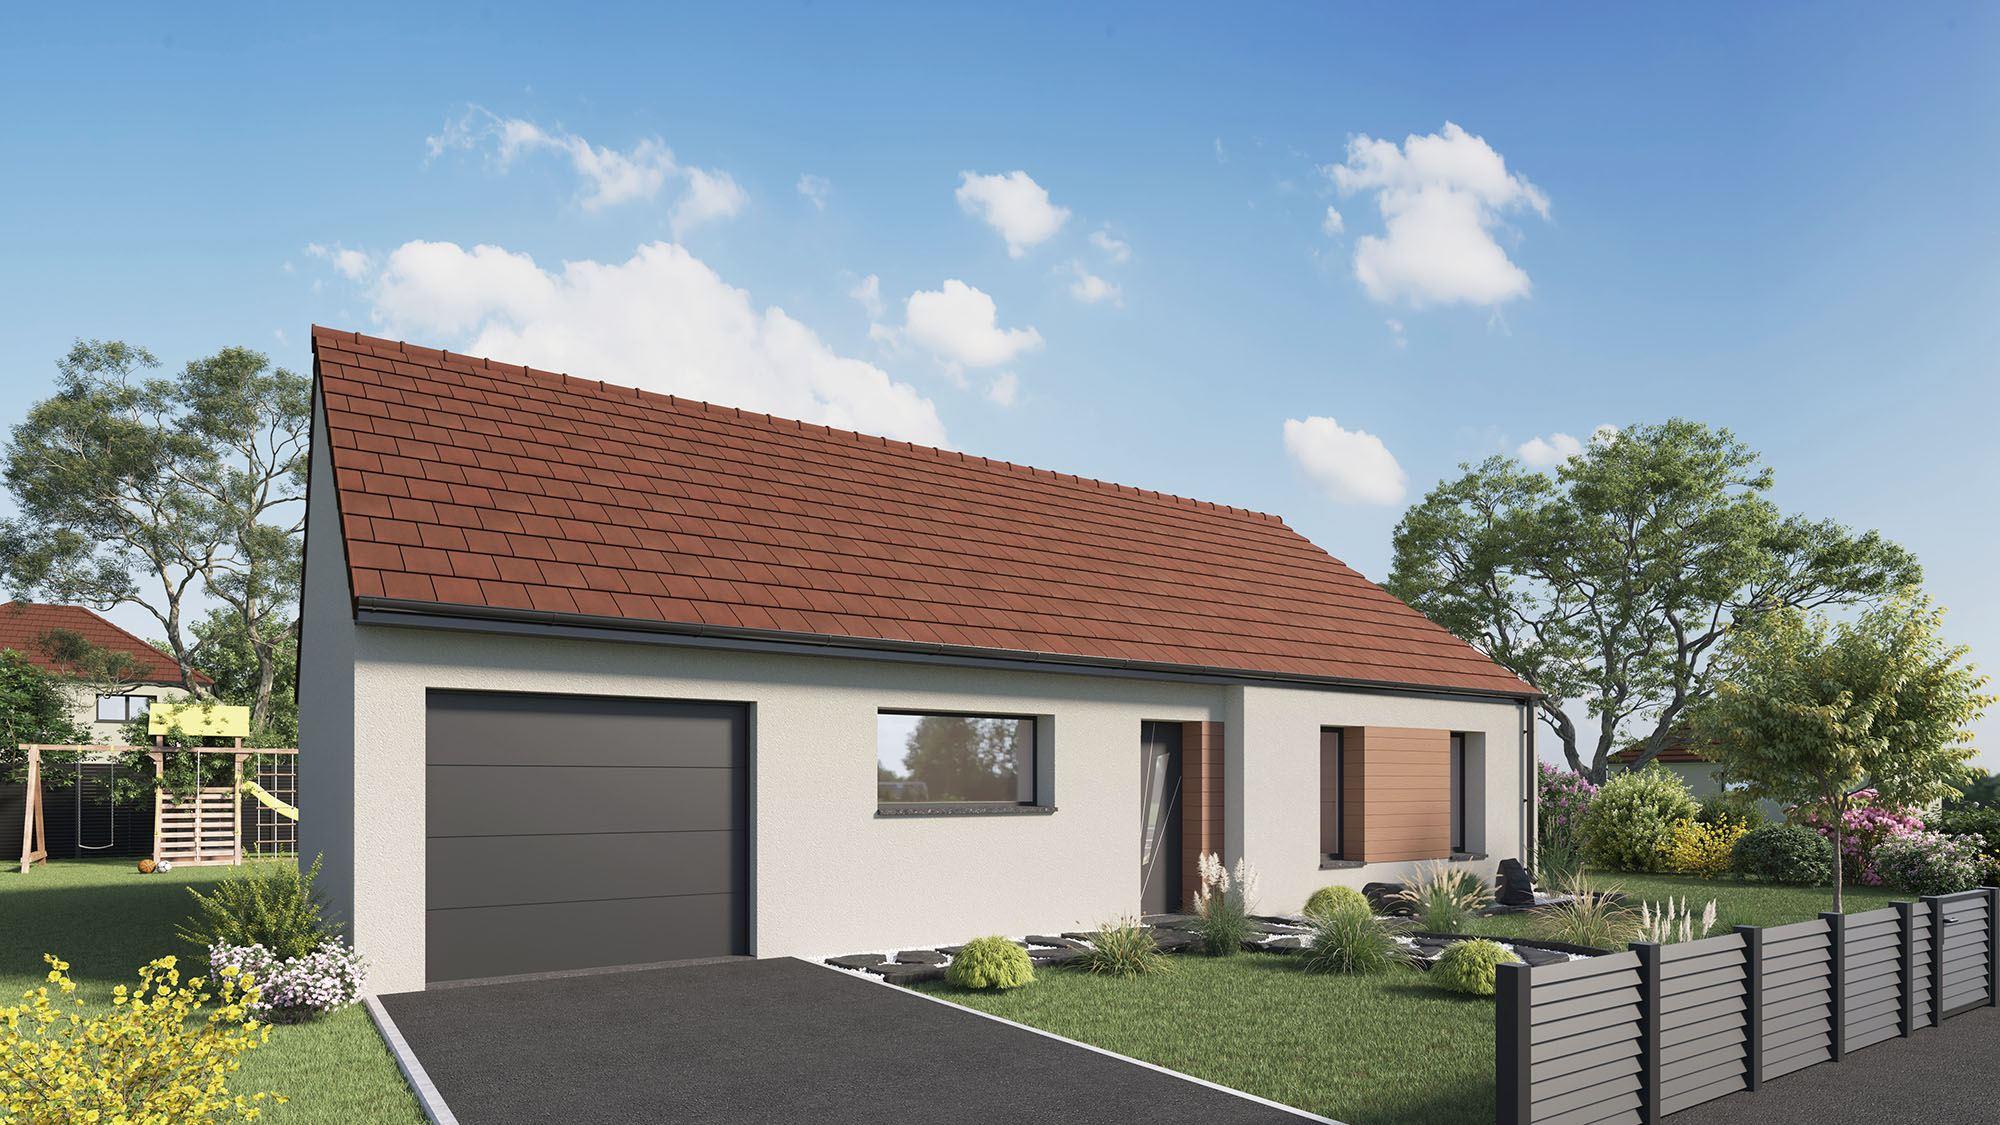 Maisons + Terrains du constructeur Maison Castor St Omer • 96 m² • AIRE SUR LA LYS